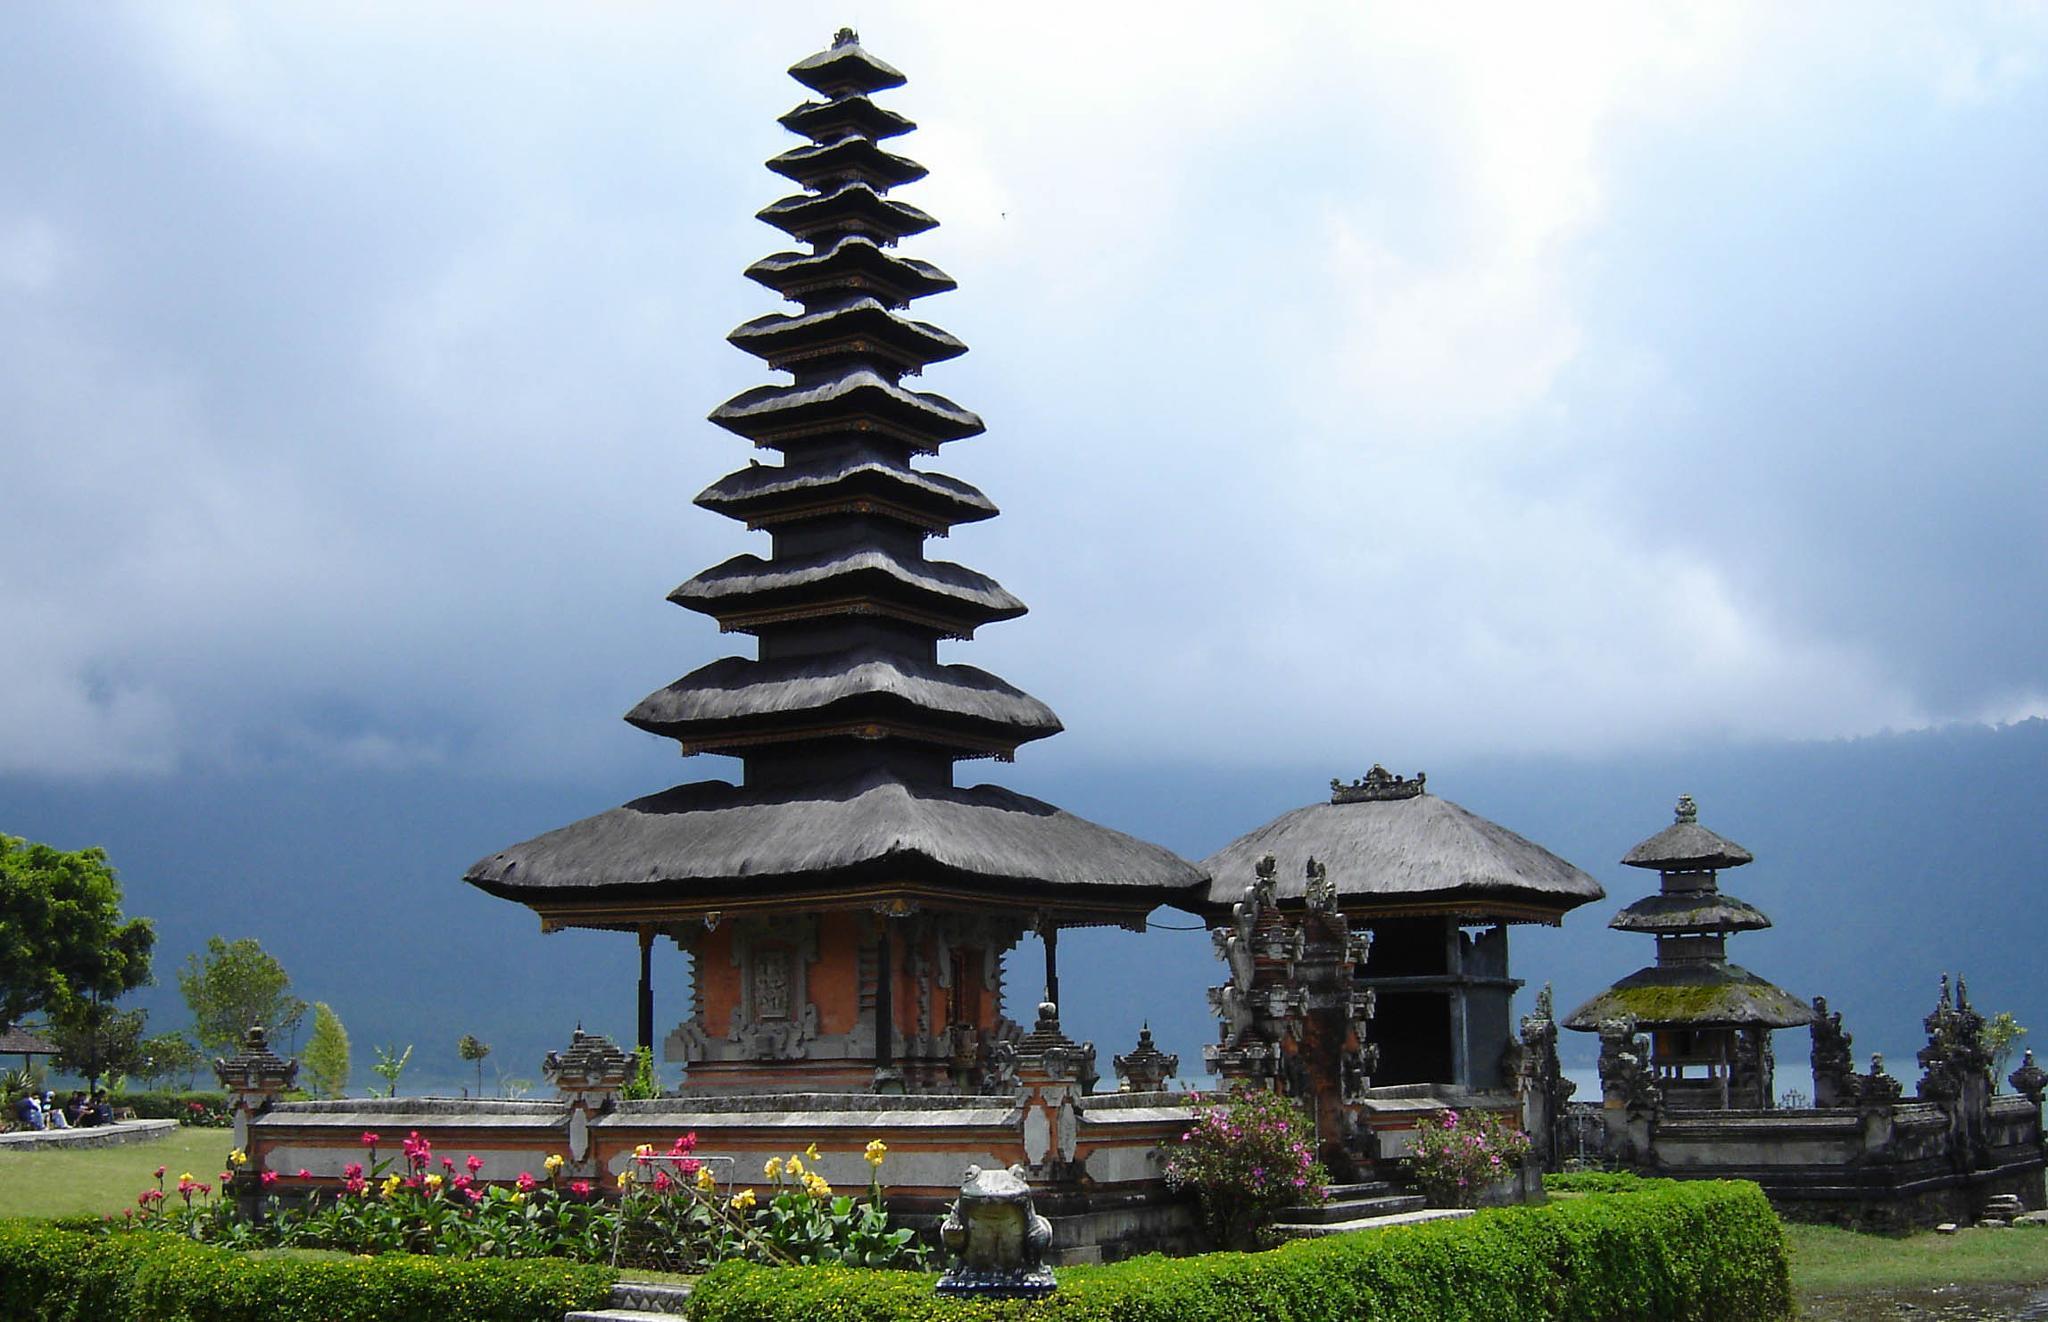 Balinese Temple in the Breaking Fog by jill.friedman.395